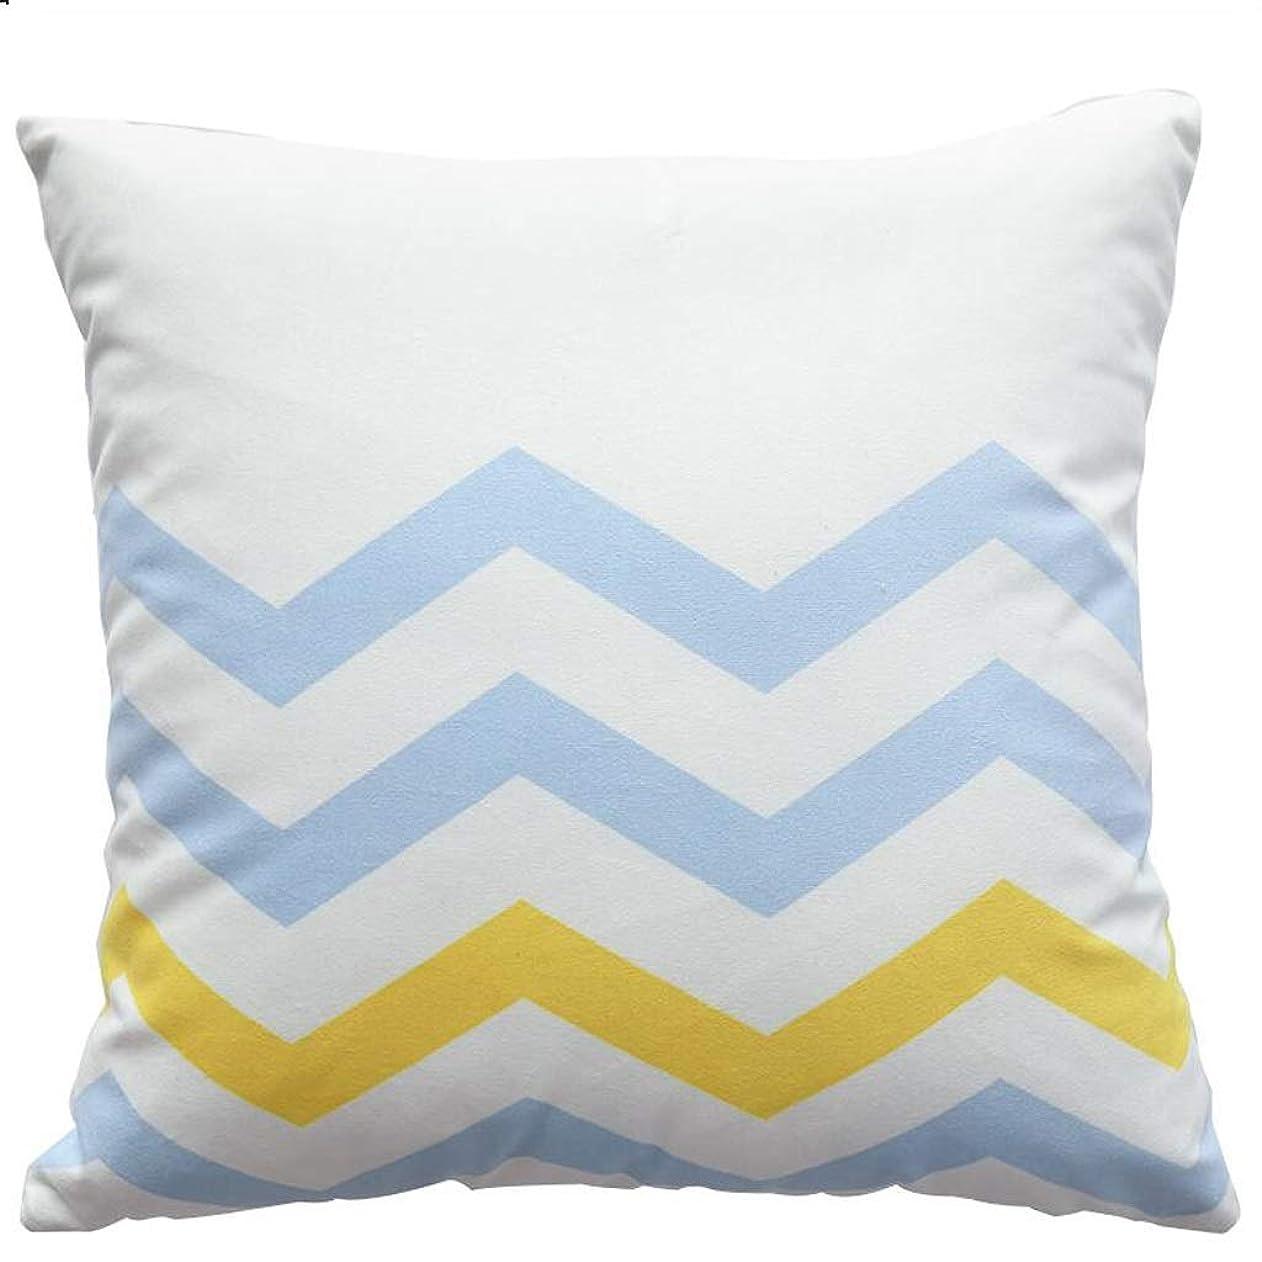 好ましい害ウガンダ柔らかいと快適な枕幾何学的な枕仮眠黄色のソファバックリビングルームのベッドクッション SHWSM (Color : D)